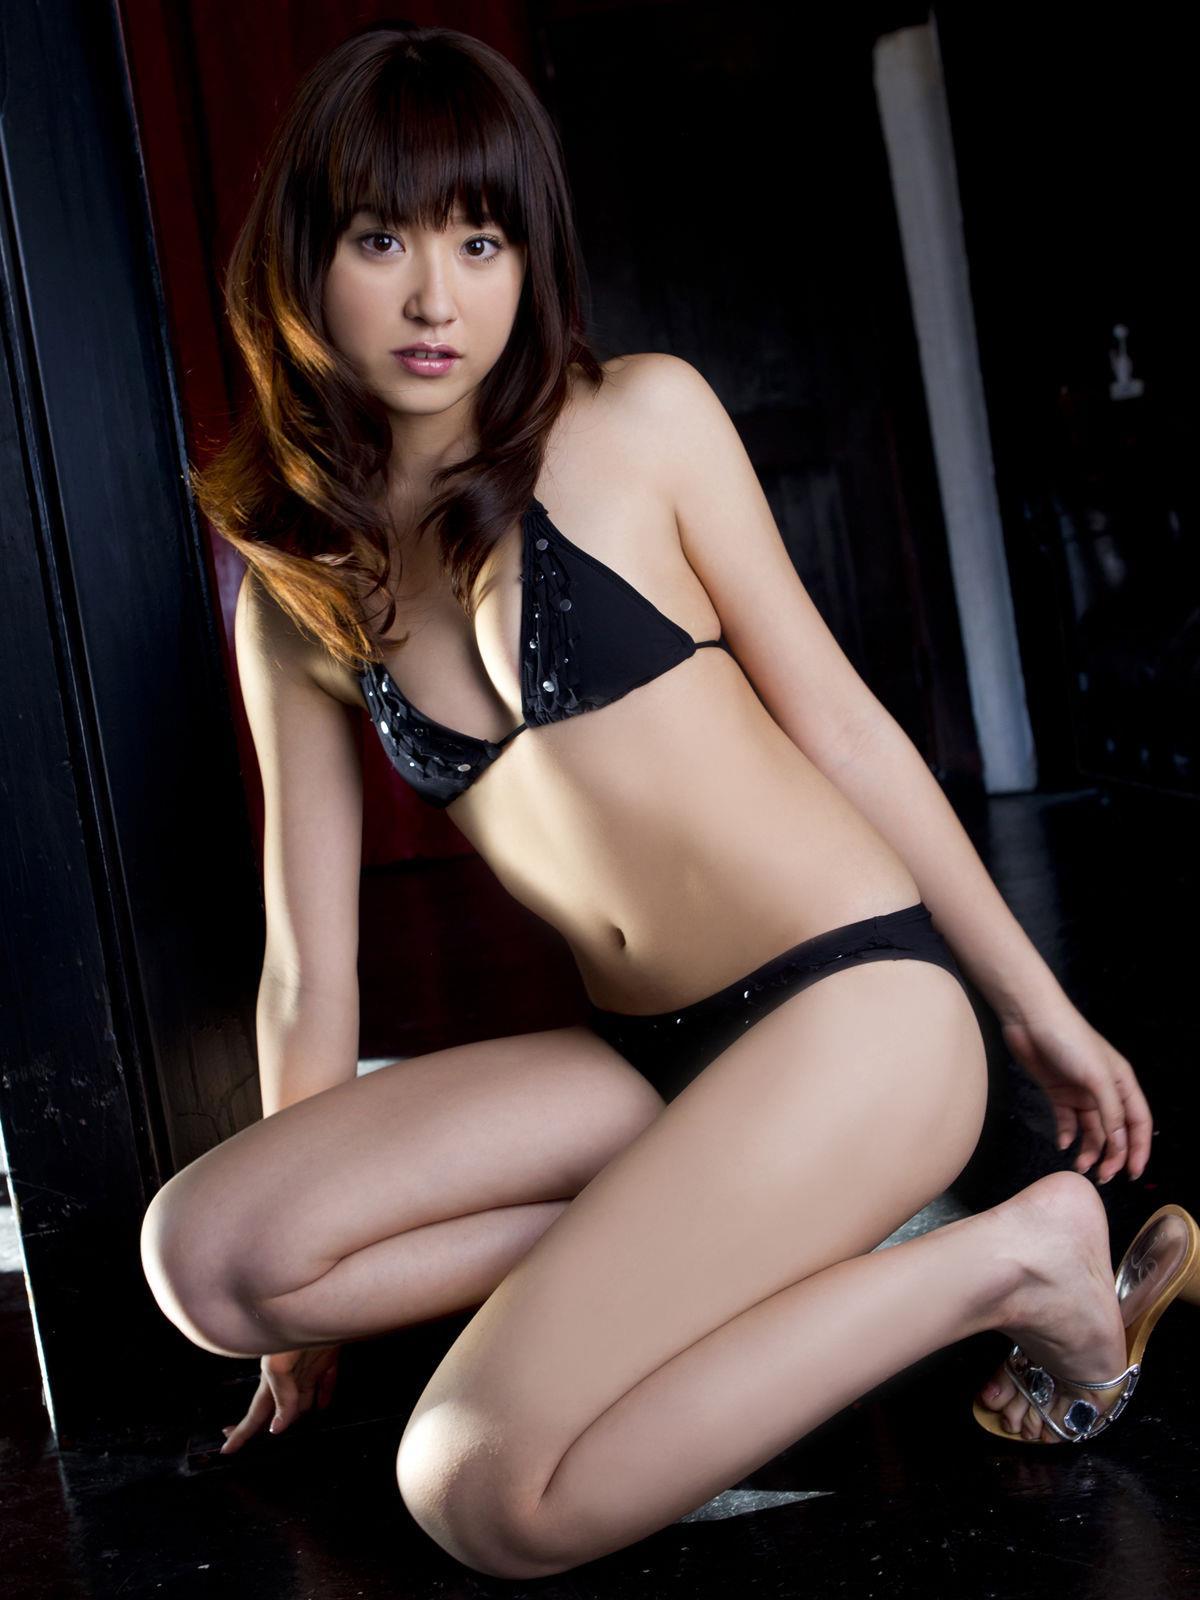 衛藤美彩 過激水着のグラビア画像 9